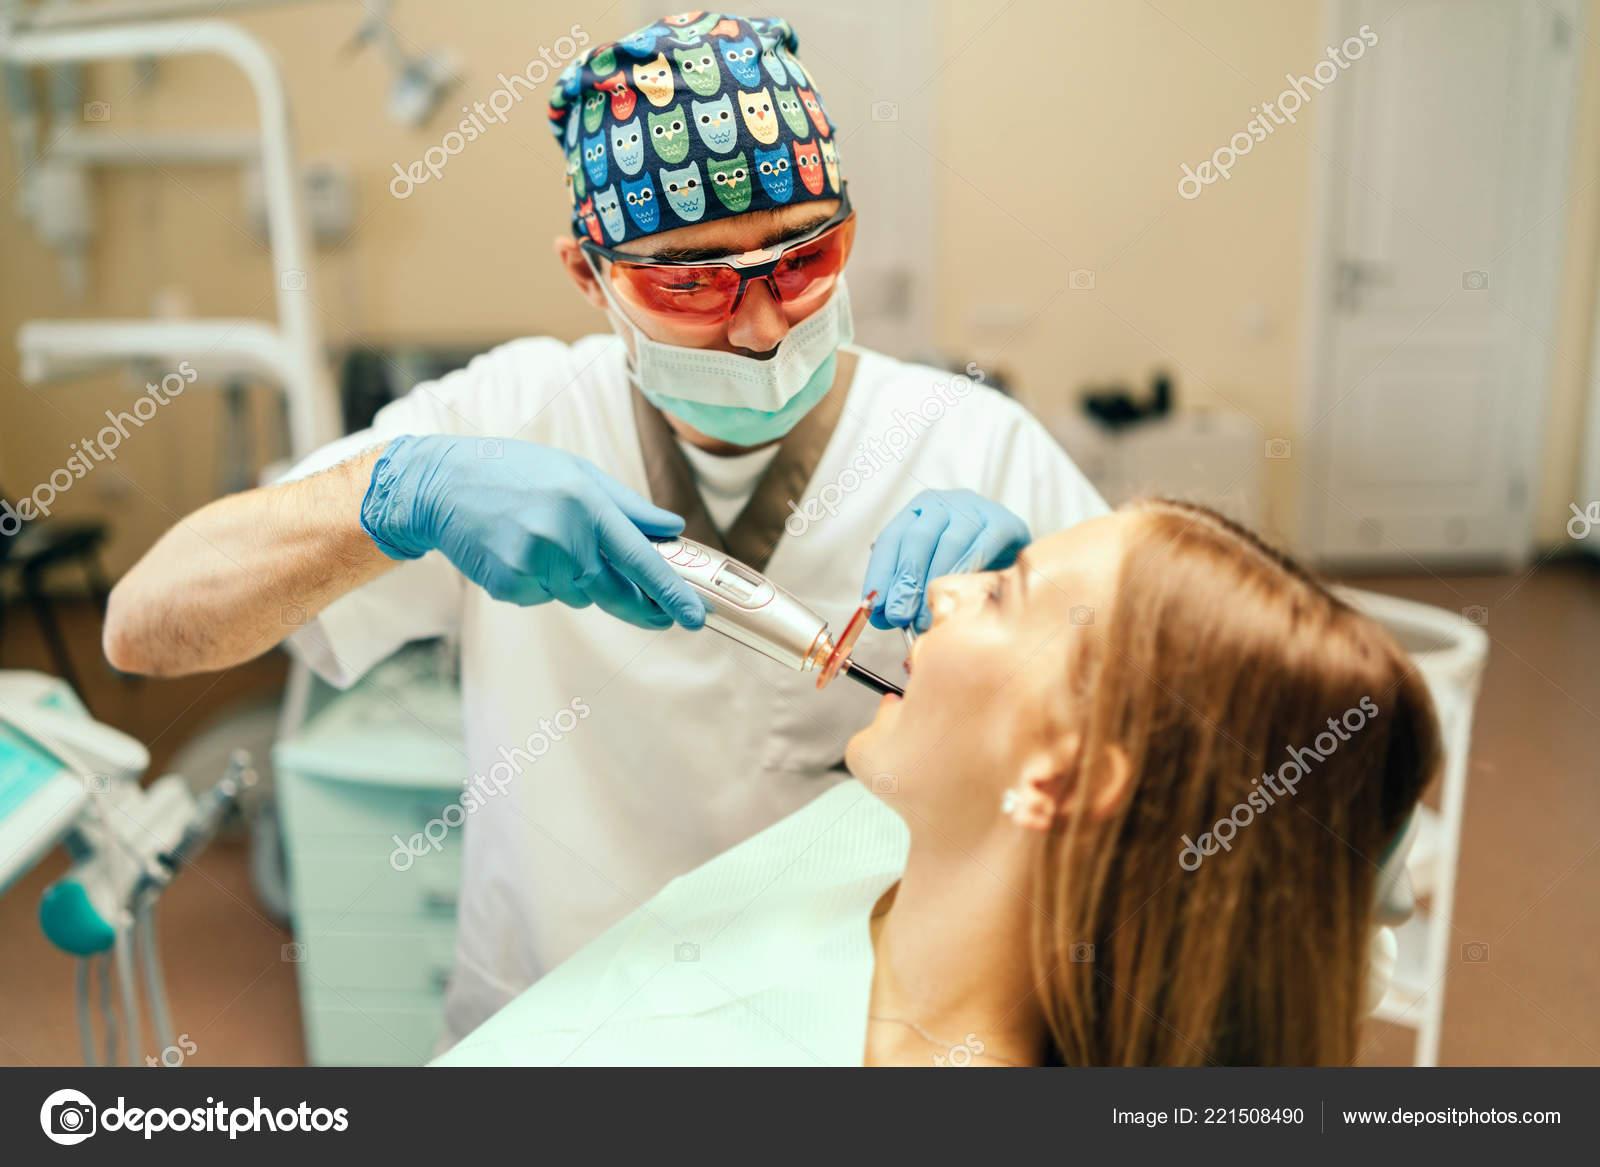 Стоматолог усыпил и трахнул кори смотреть онлайн, Стоматолог усыпил кори и трахнул Поебушки. Ком 29 фотография